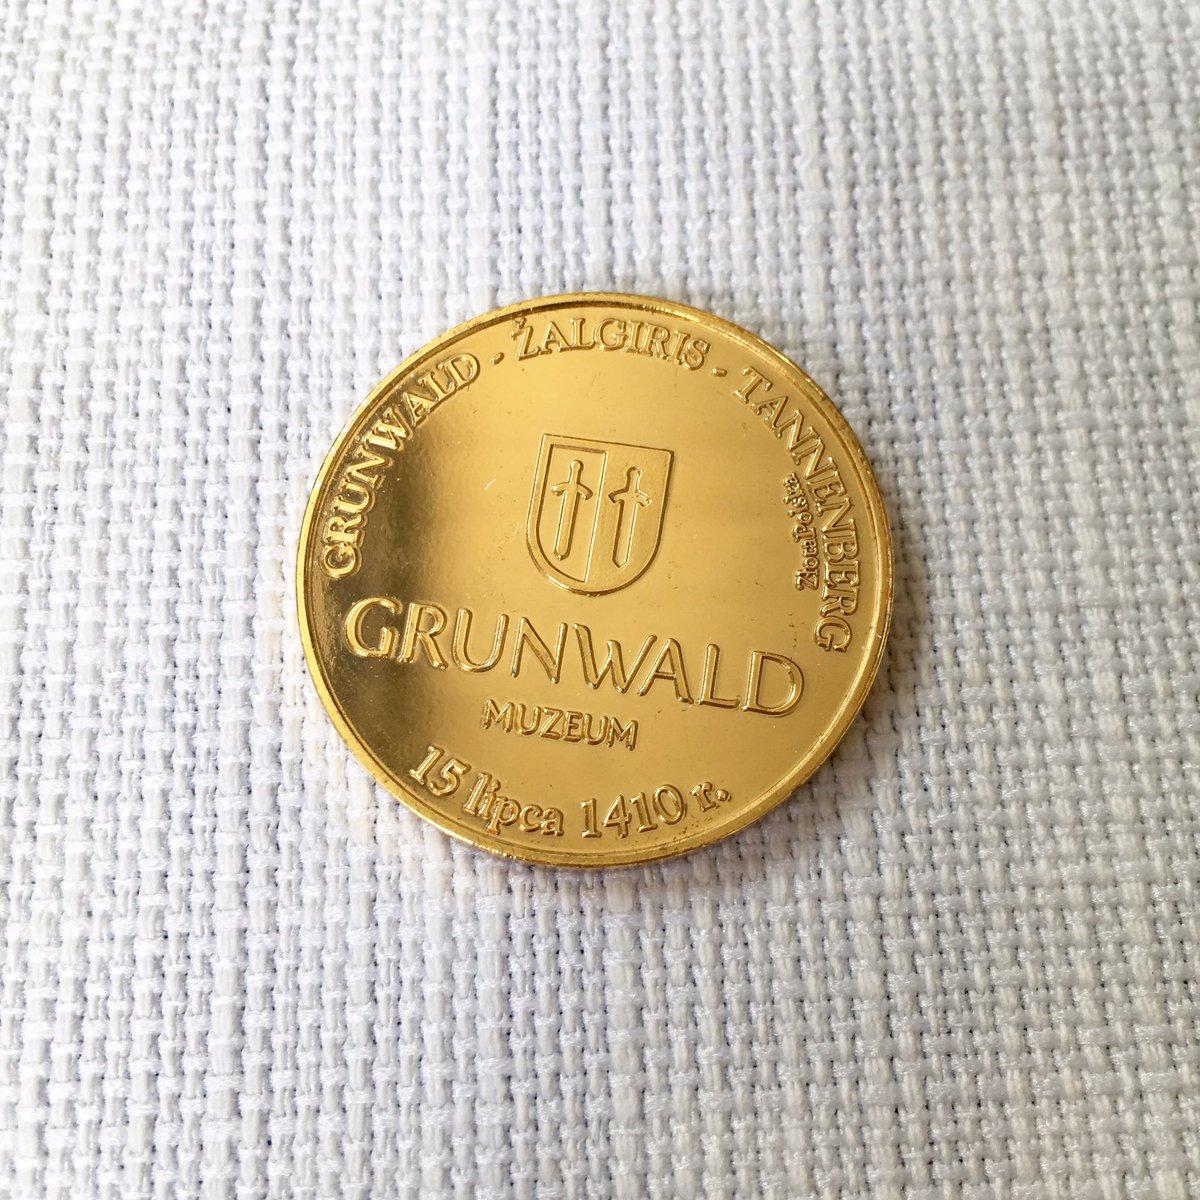 あと博物館で売ってたコインが格好良すぎて買ってしまった… グルンヴァルド、ジャルギリス、タンネンベルクと各国の表記で入ってるのが最高です